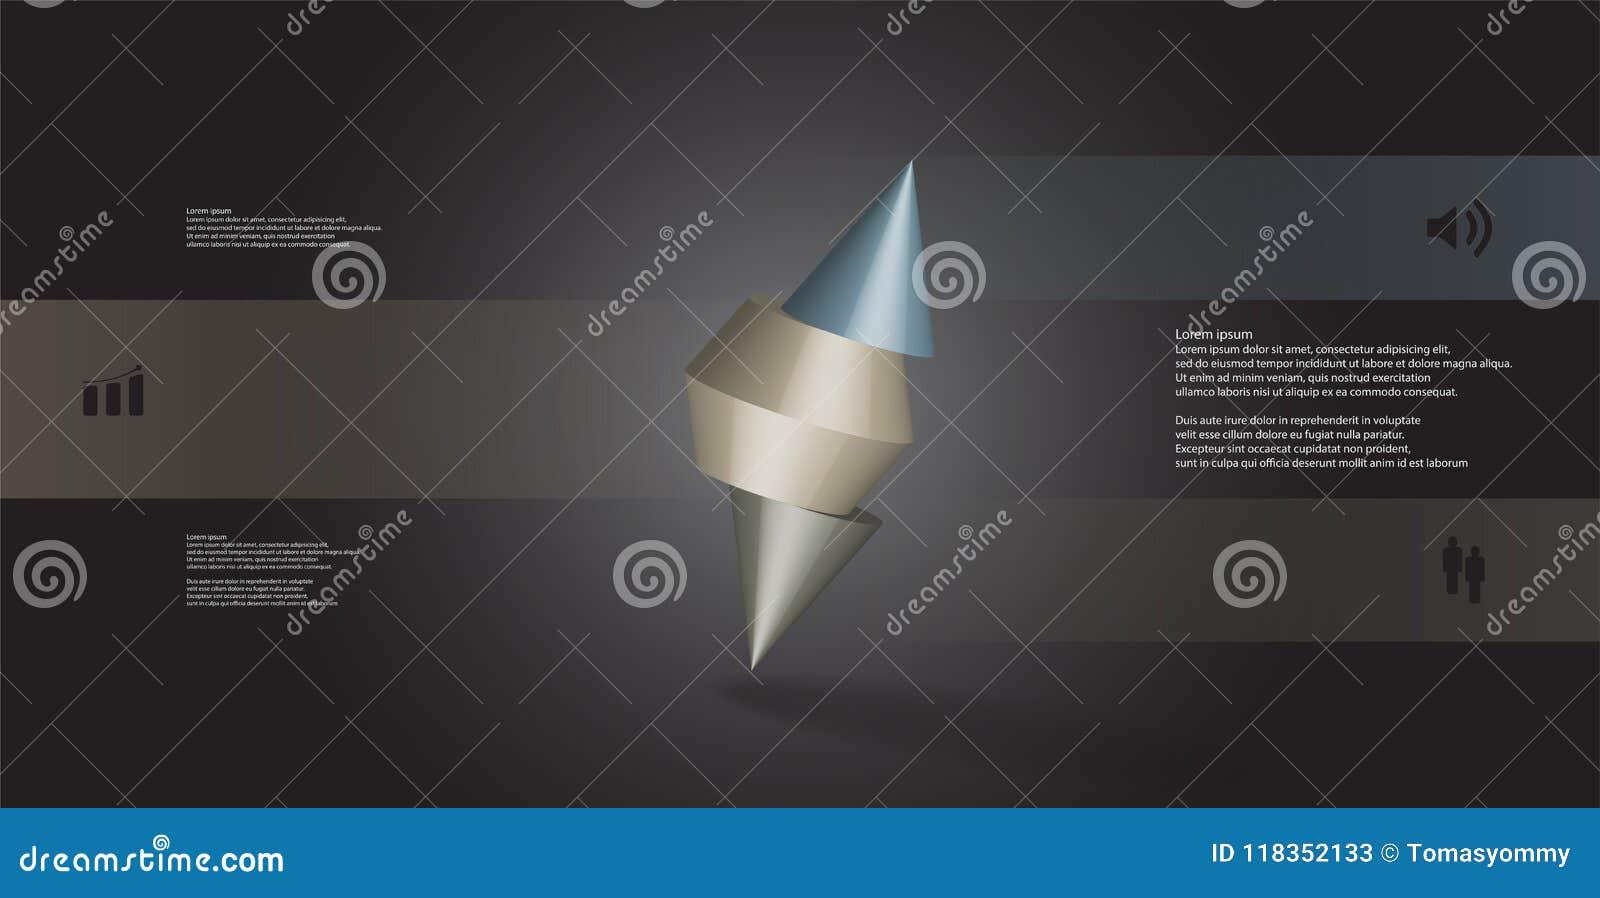 Molde infographic da ilustração 3D com o cone cravado cortado a três porções e arranjado obliquamente